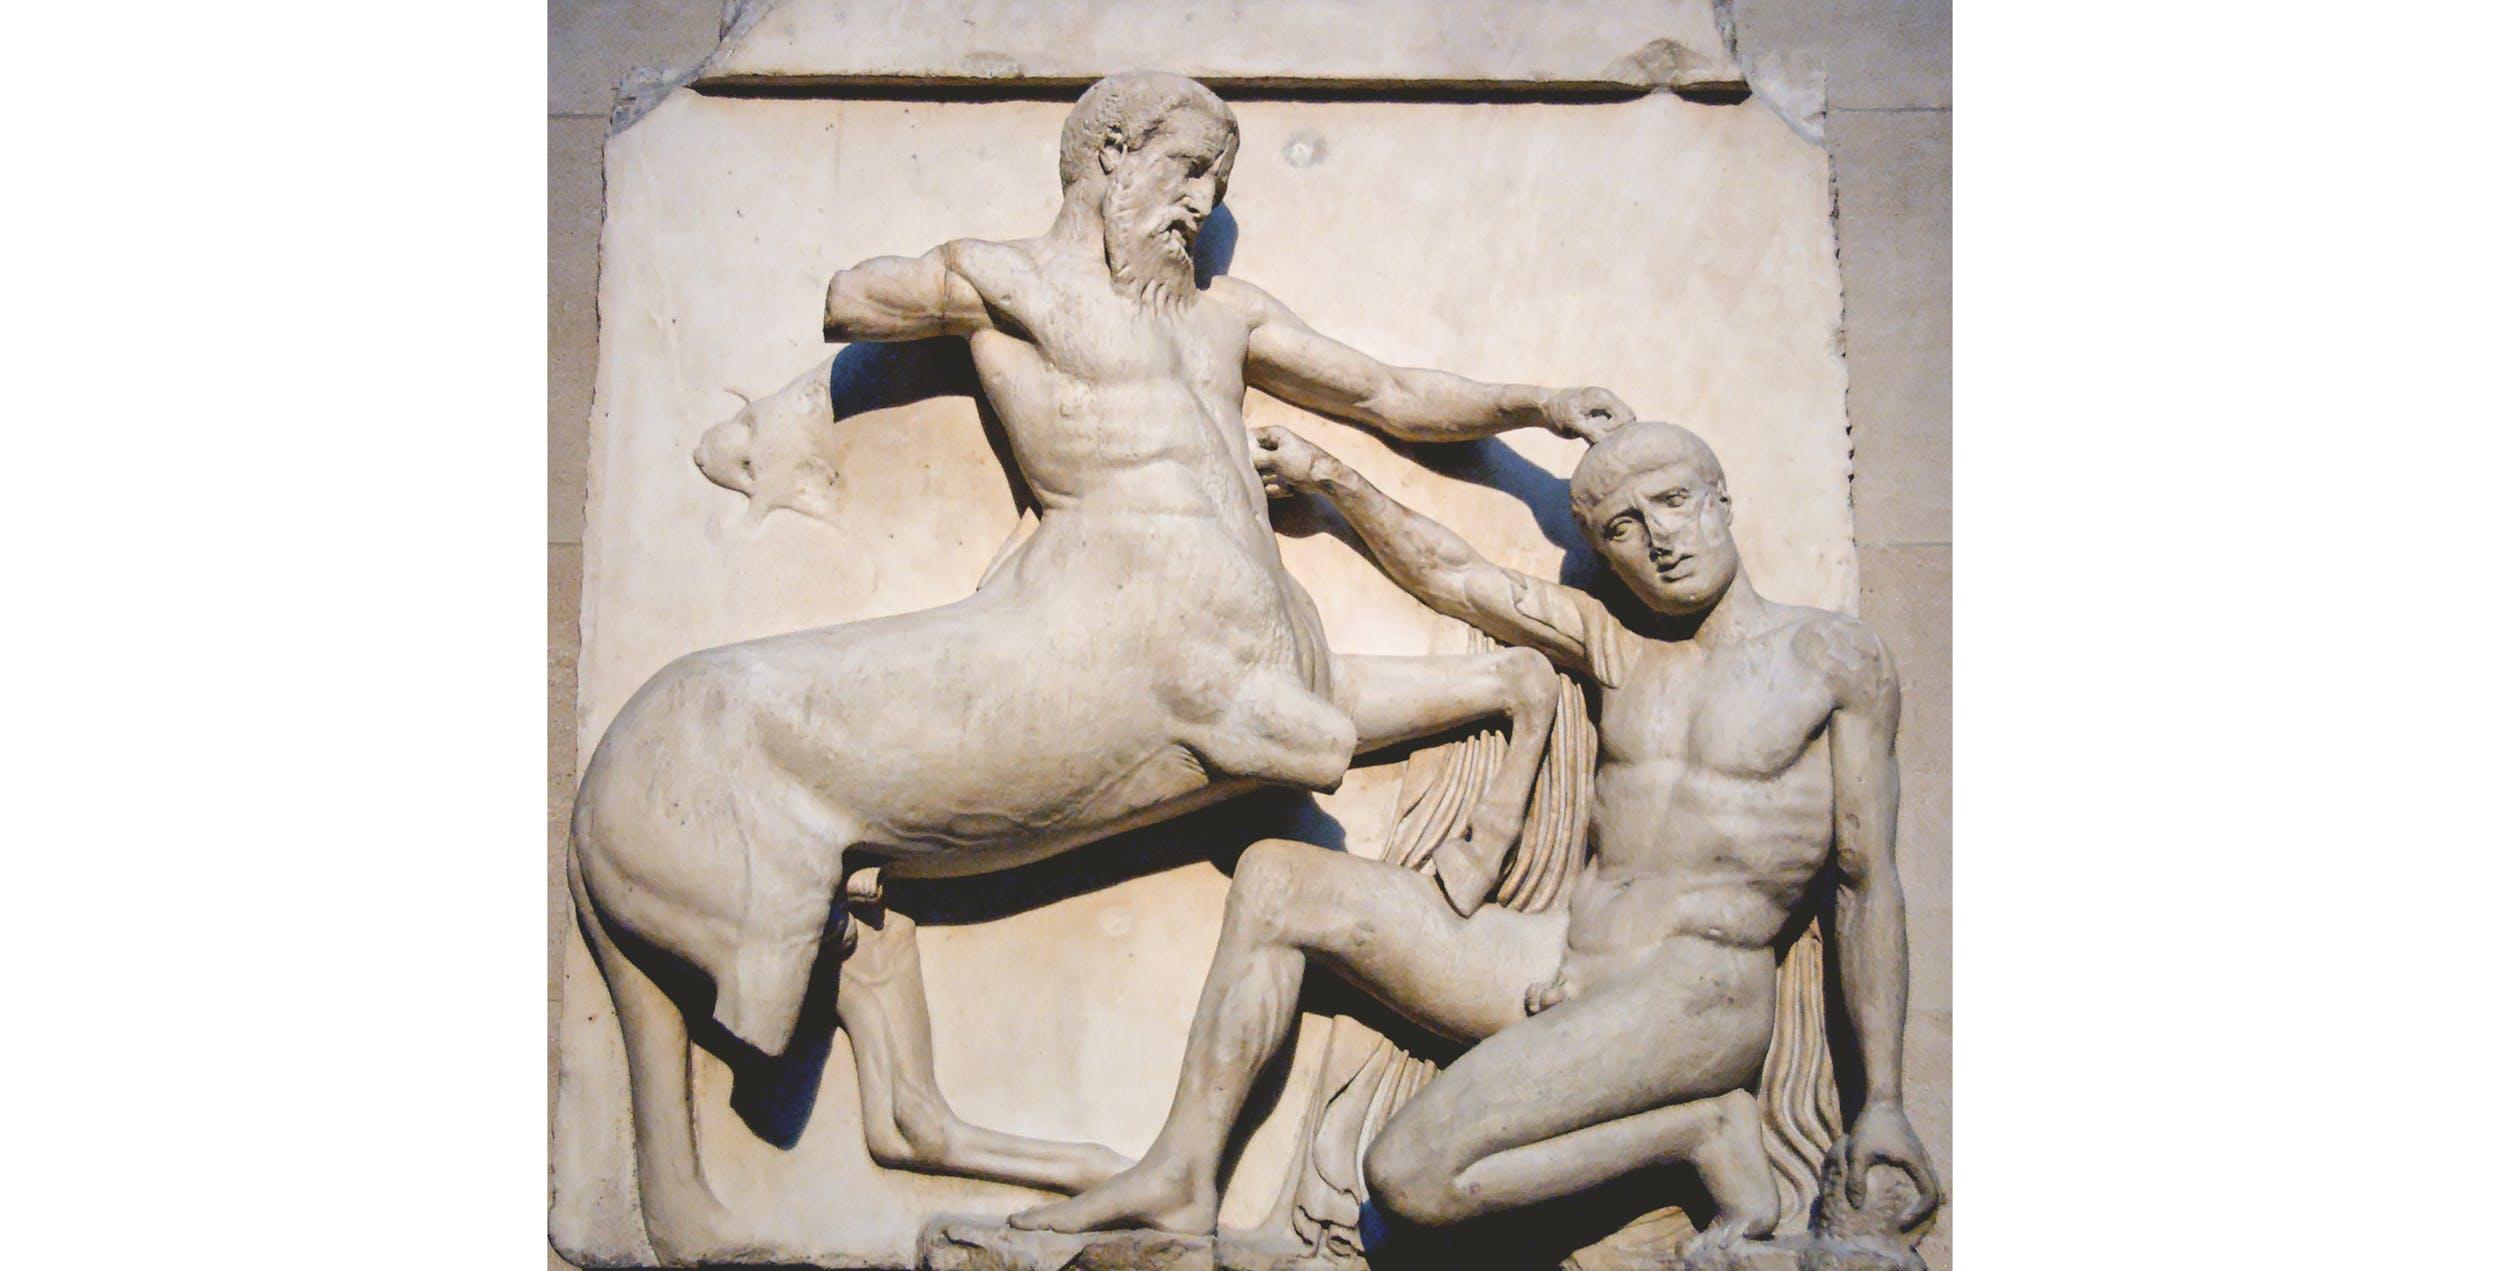 Metopa sud del fregio meridionale Partenone con scena di lotta tra Centauro e Lapita. Londra, British Museum